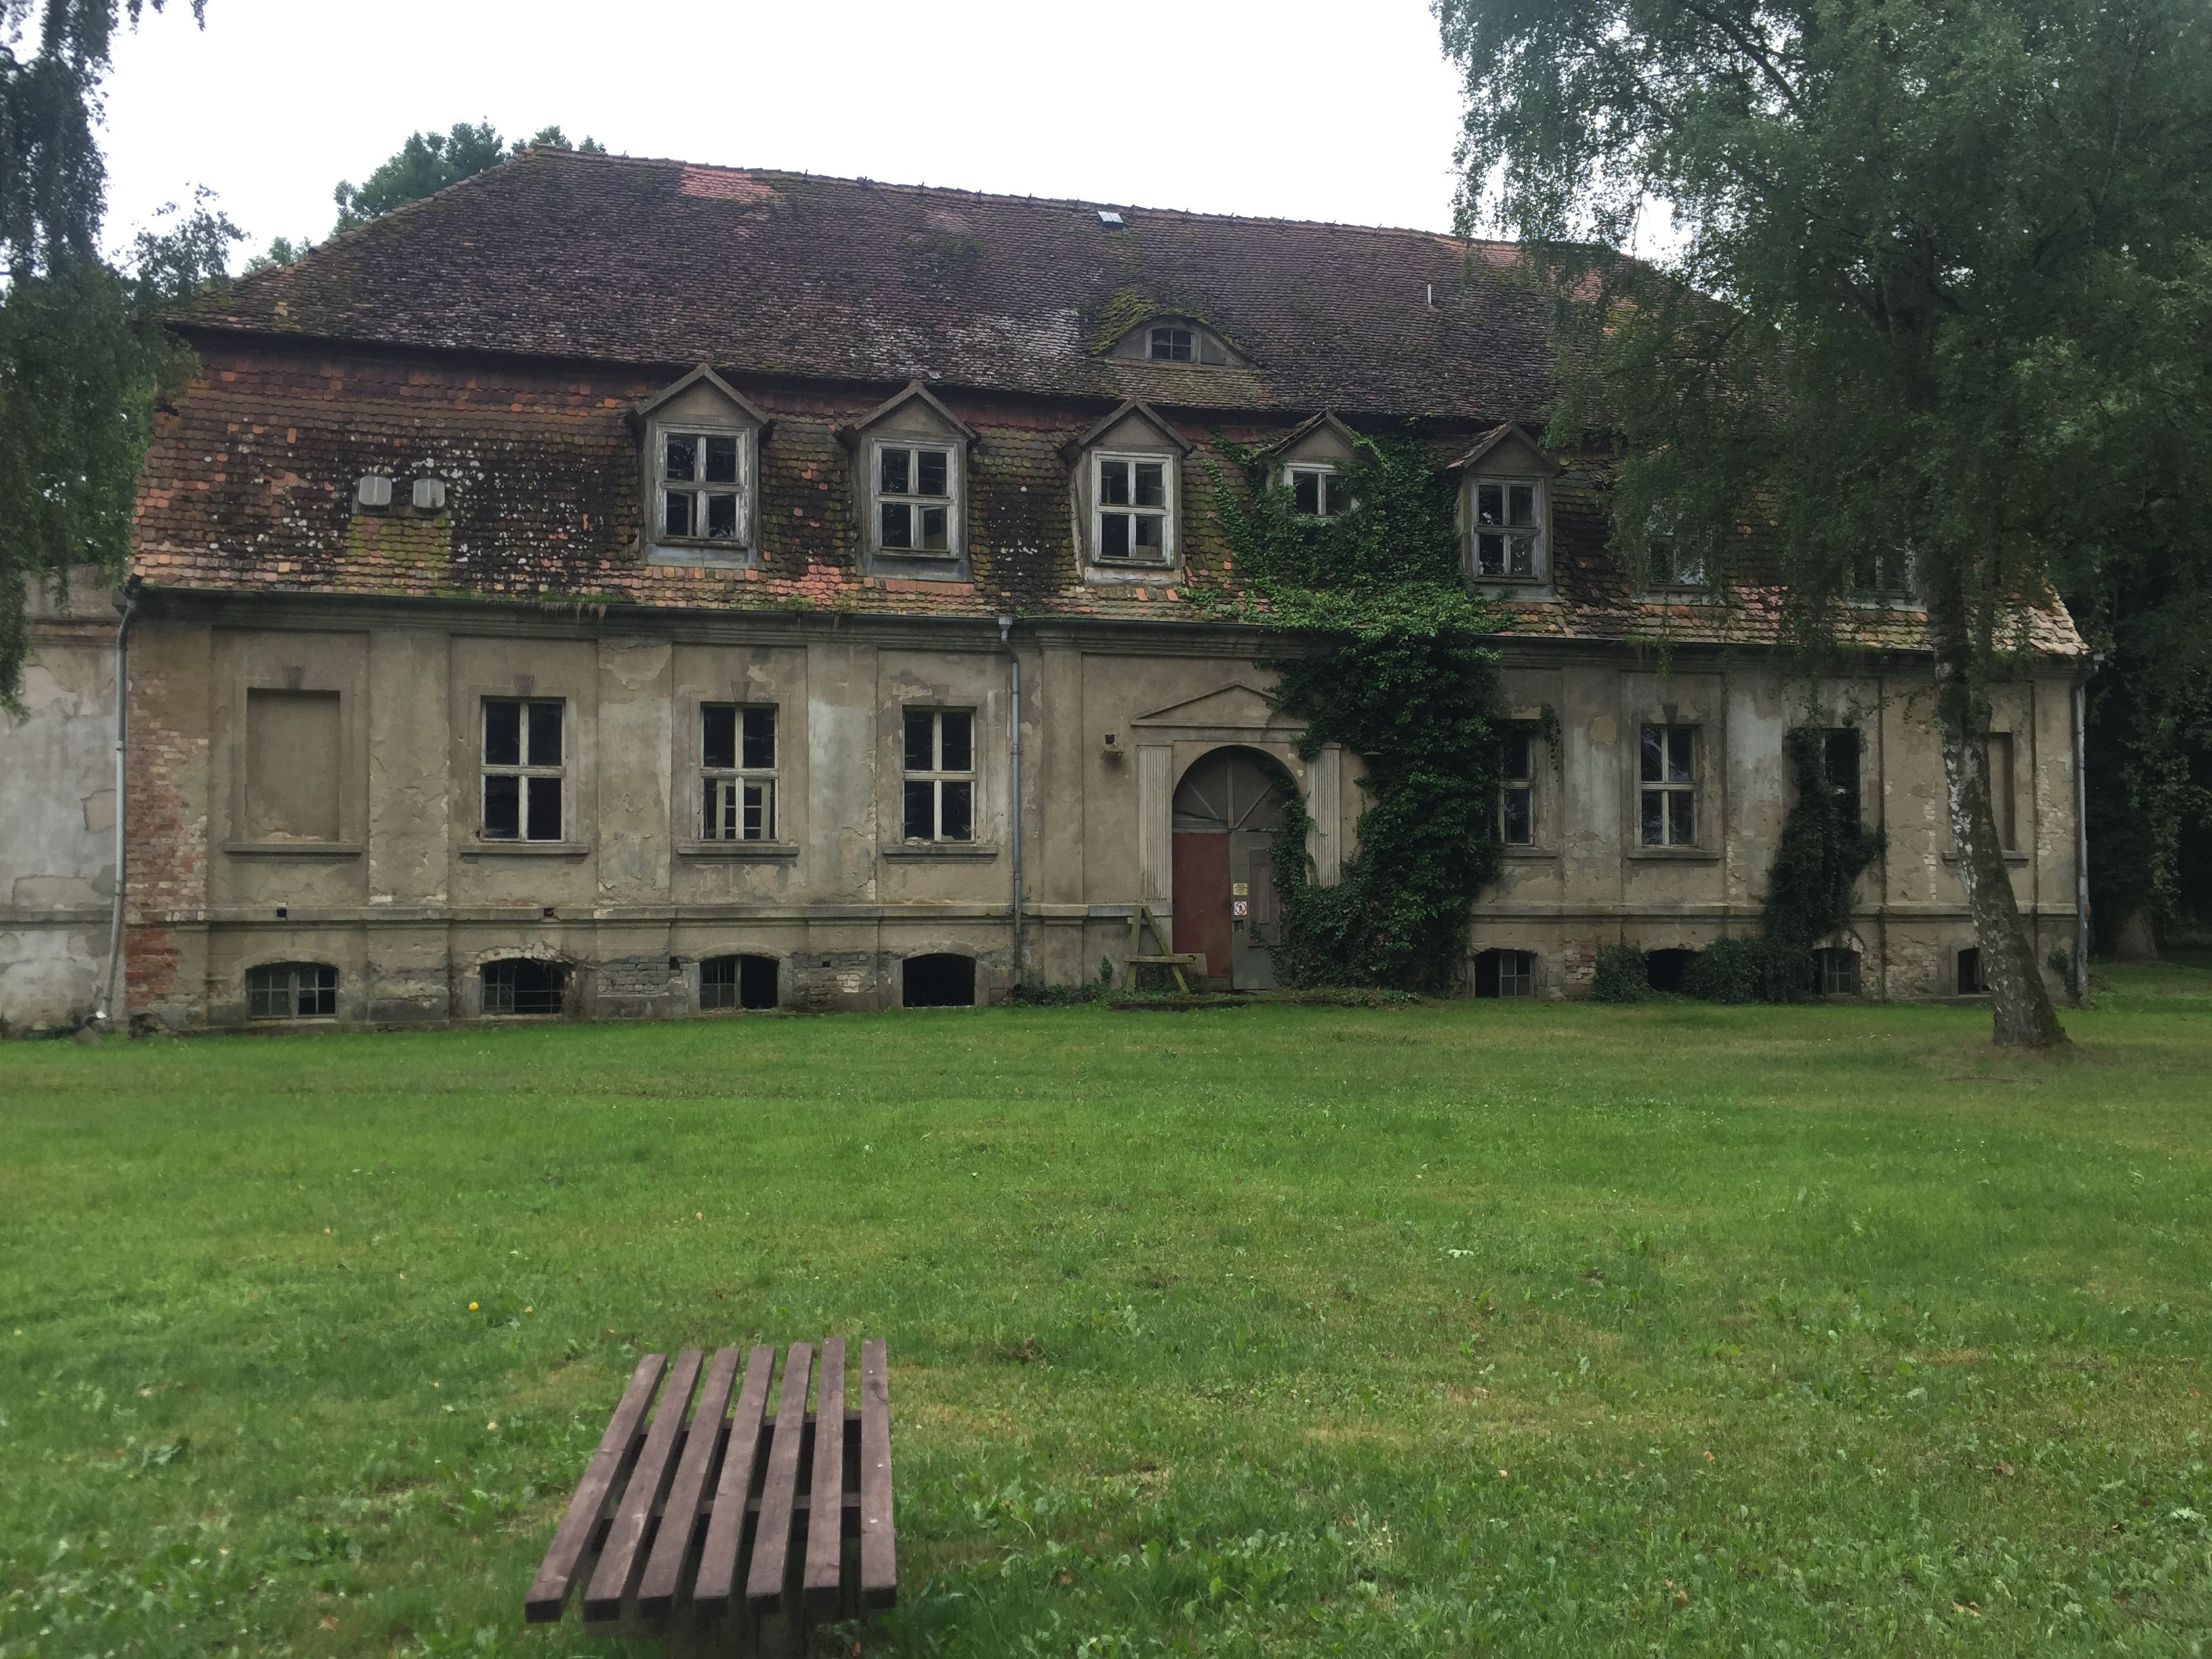 altes Gutshaus in Horst / Prignitz Altes haus, Haus, Burg